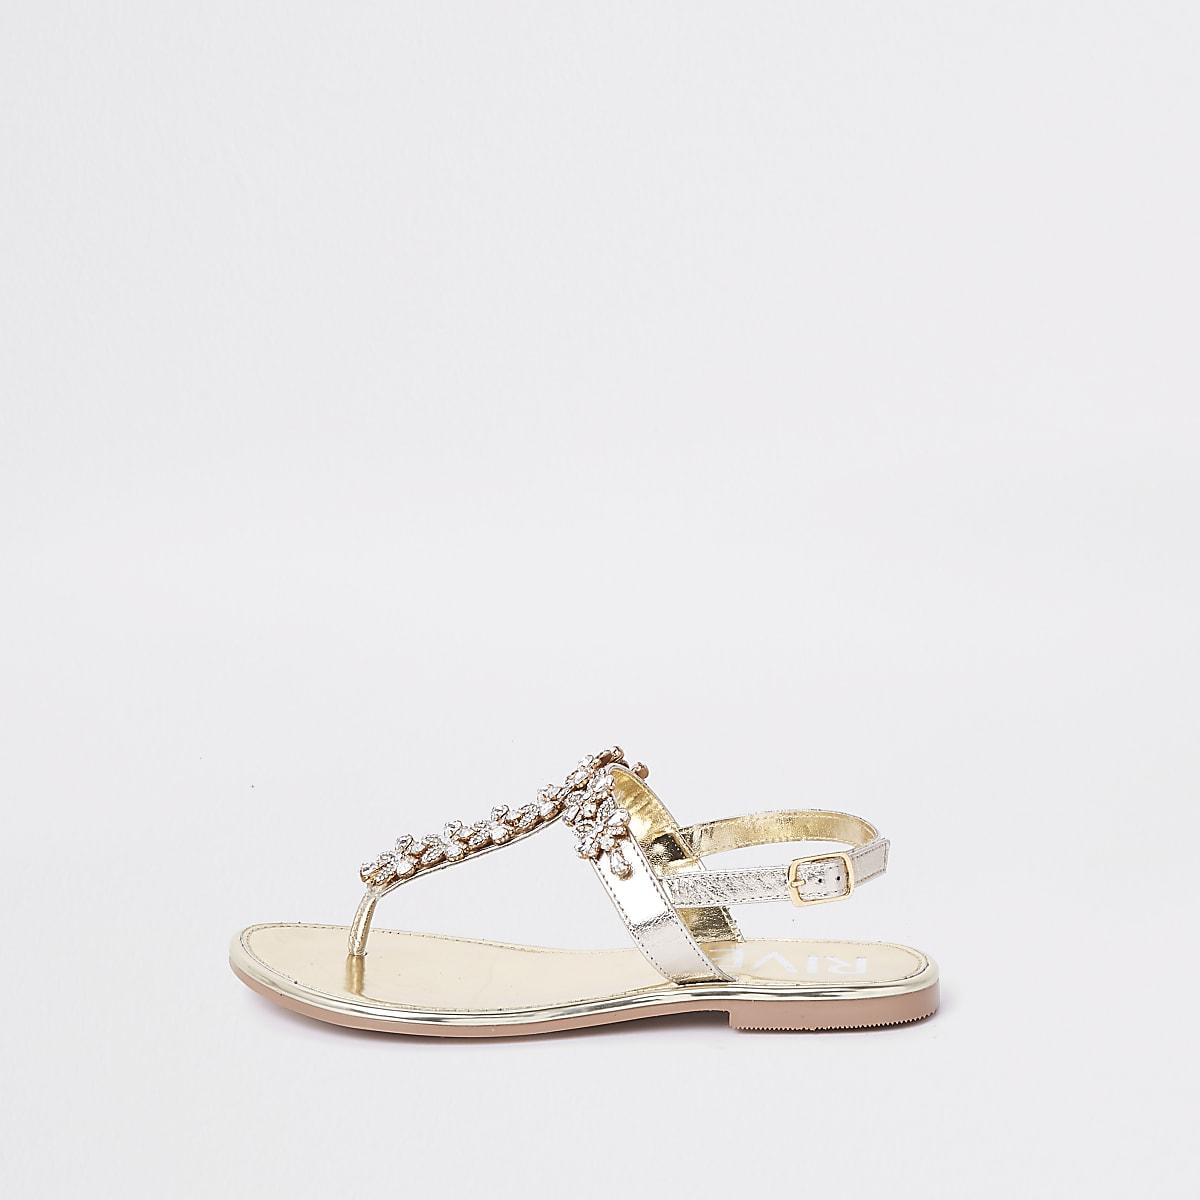 d9dbbfb6a09 Gold gem embellished leather sandals Gold gem embellished leather sandals  ...